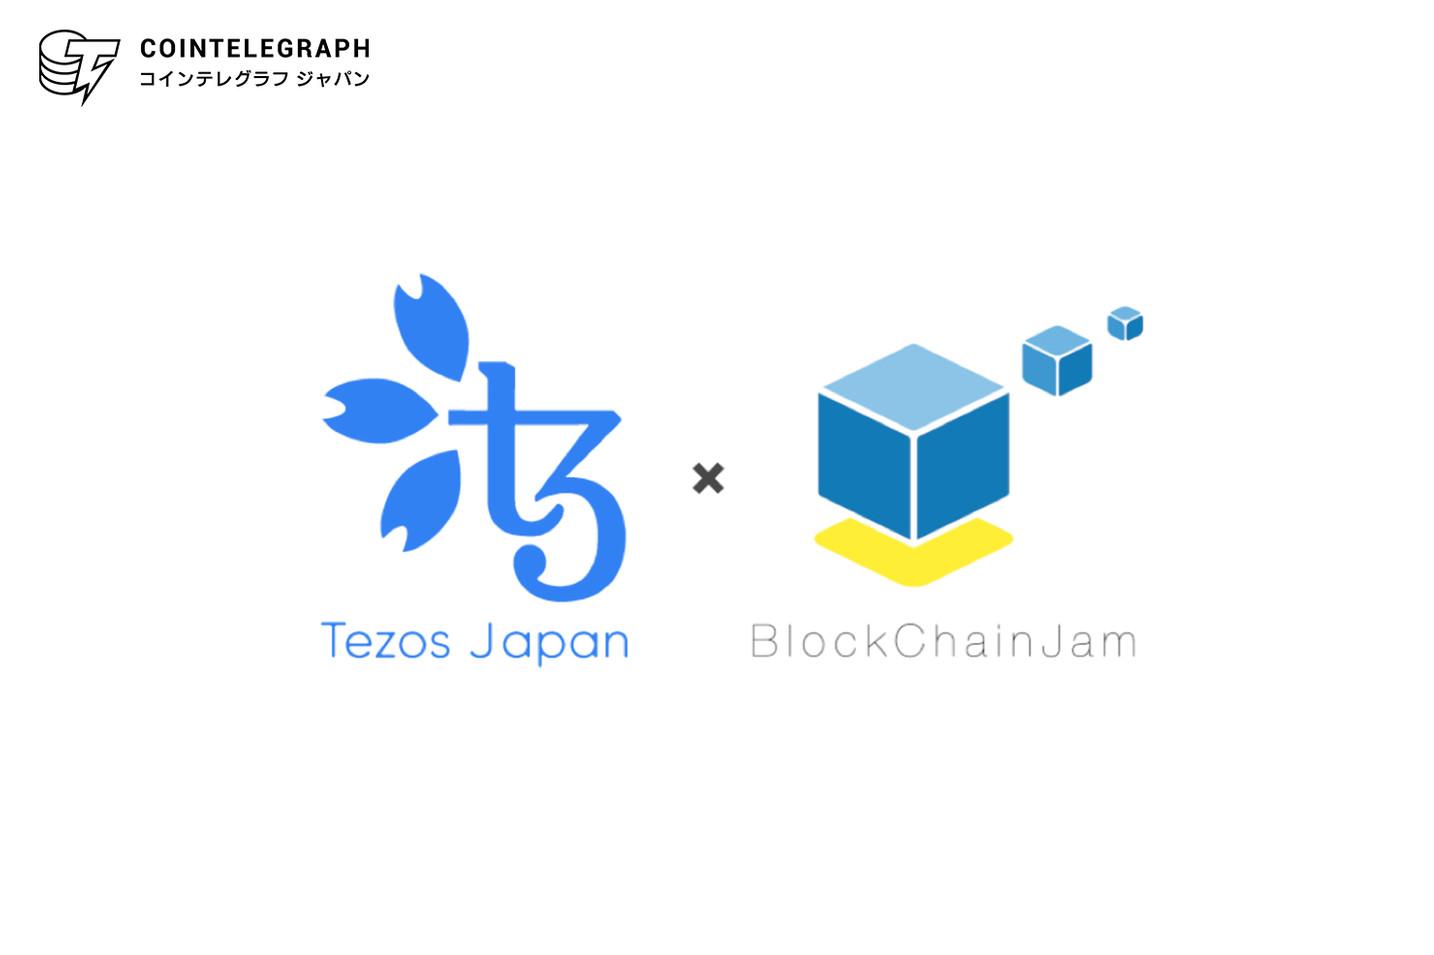 Tezosのブロックチェーンの基礎について学べる「はじめてのスマートコントラクト」をBCJ後援で東京にて開催!